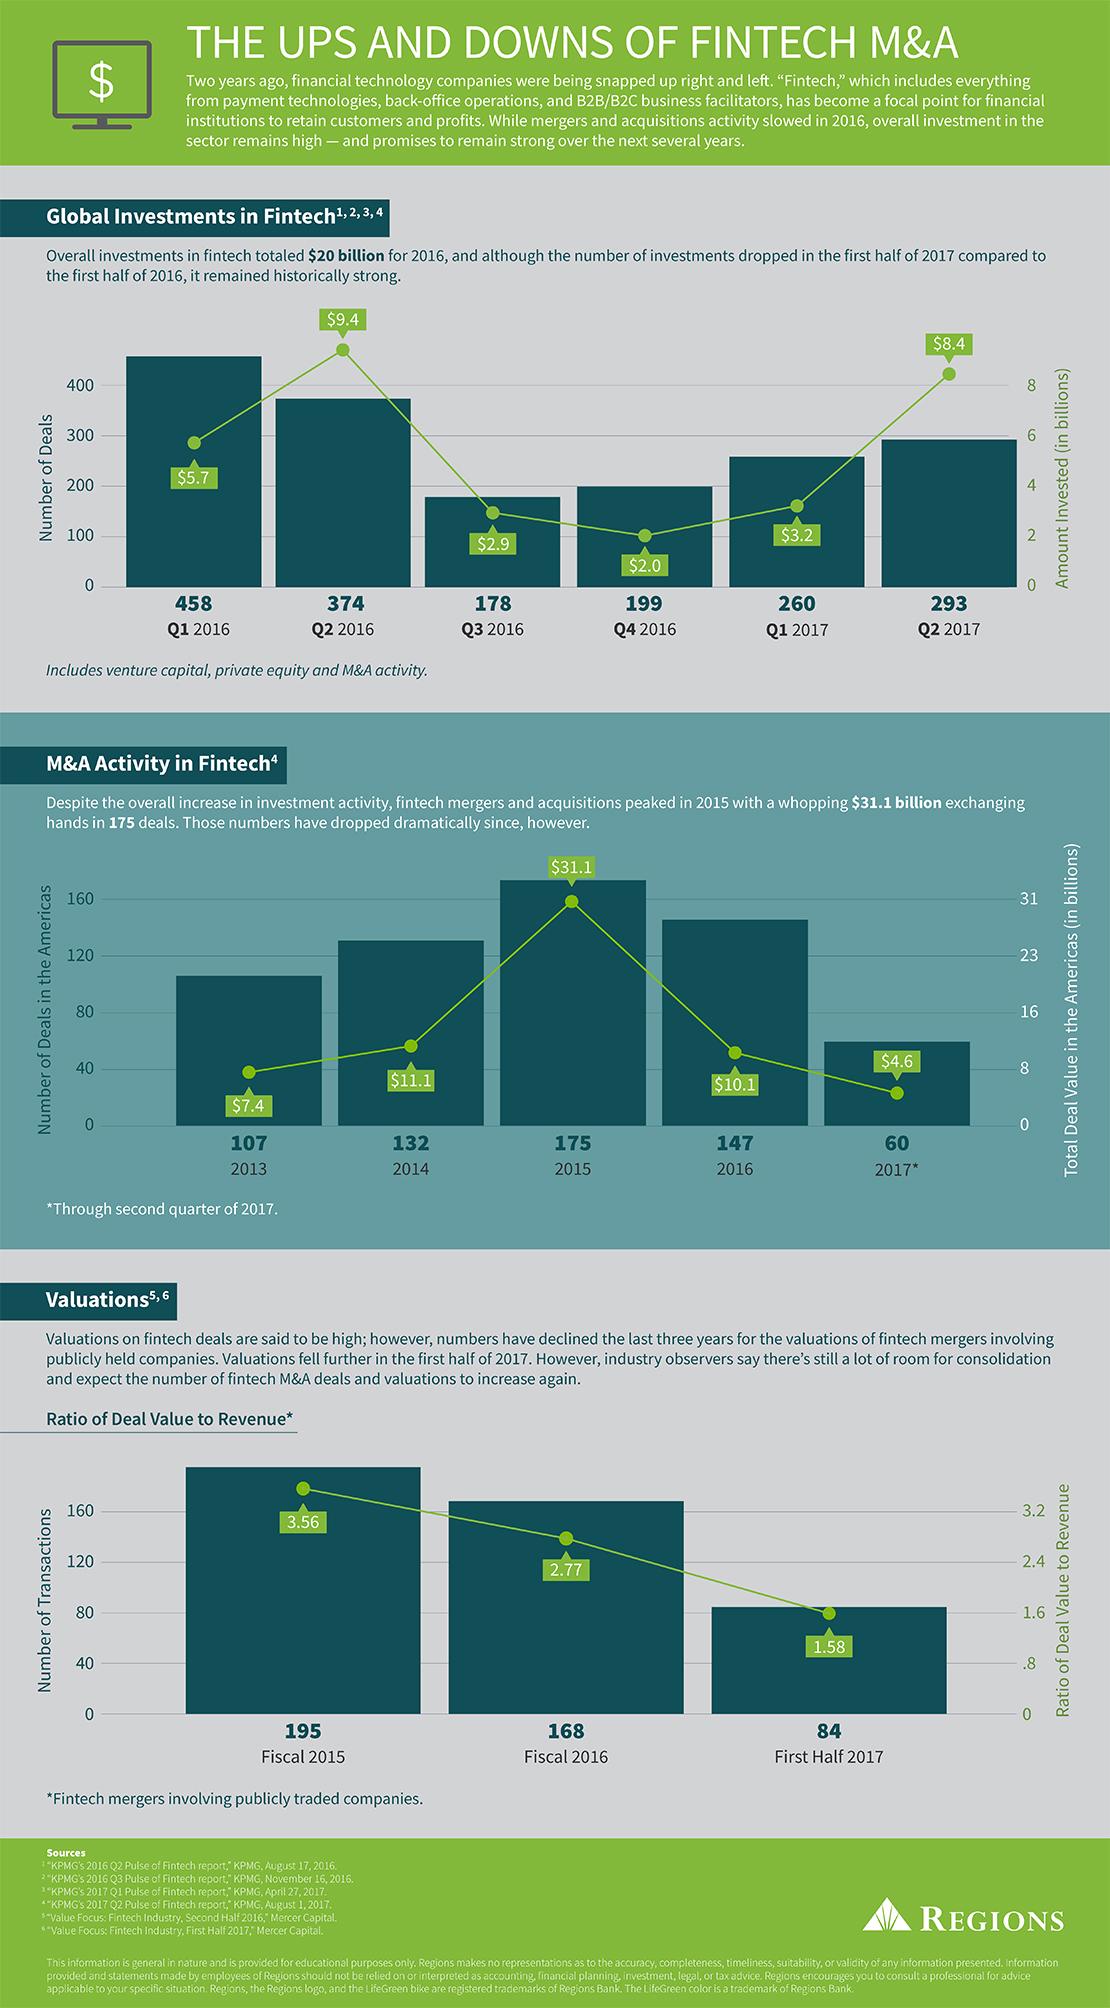 información sobre fusiones y adquisiciones